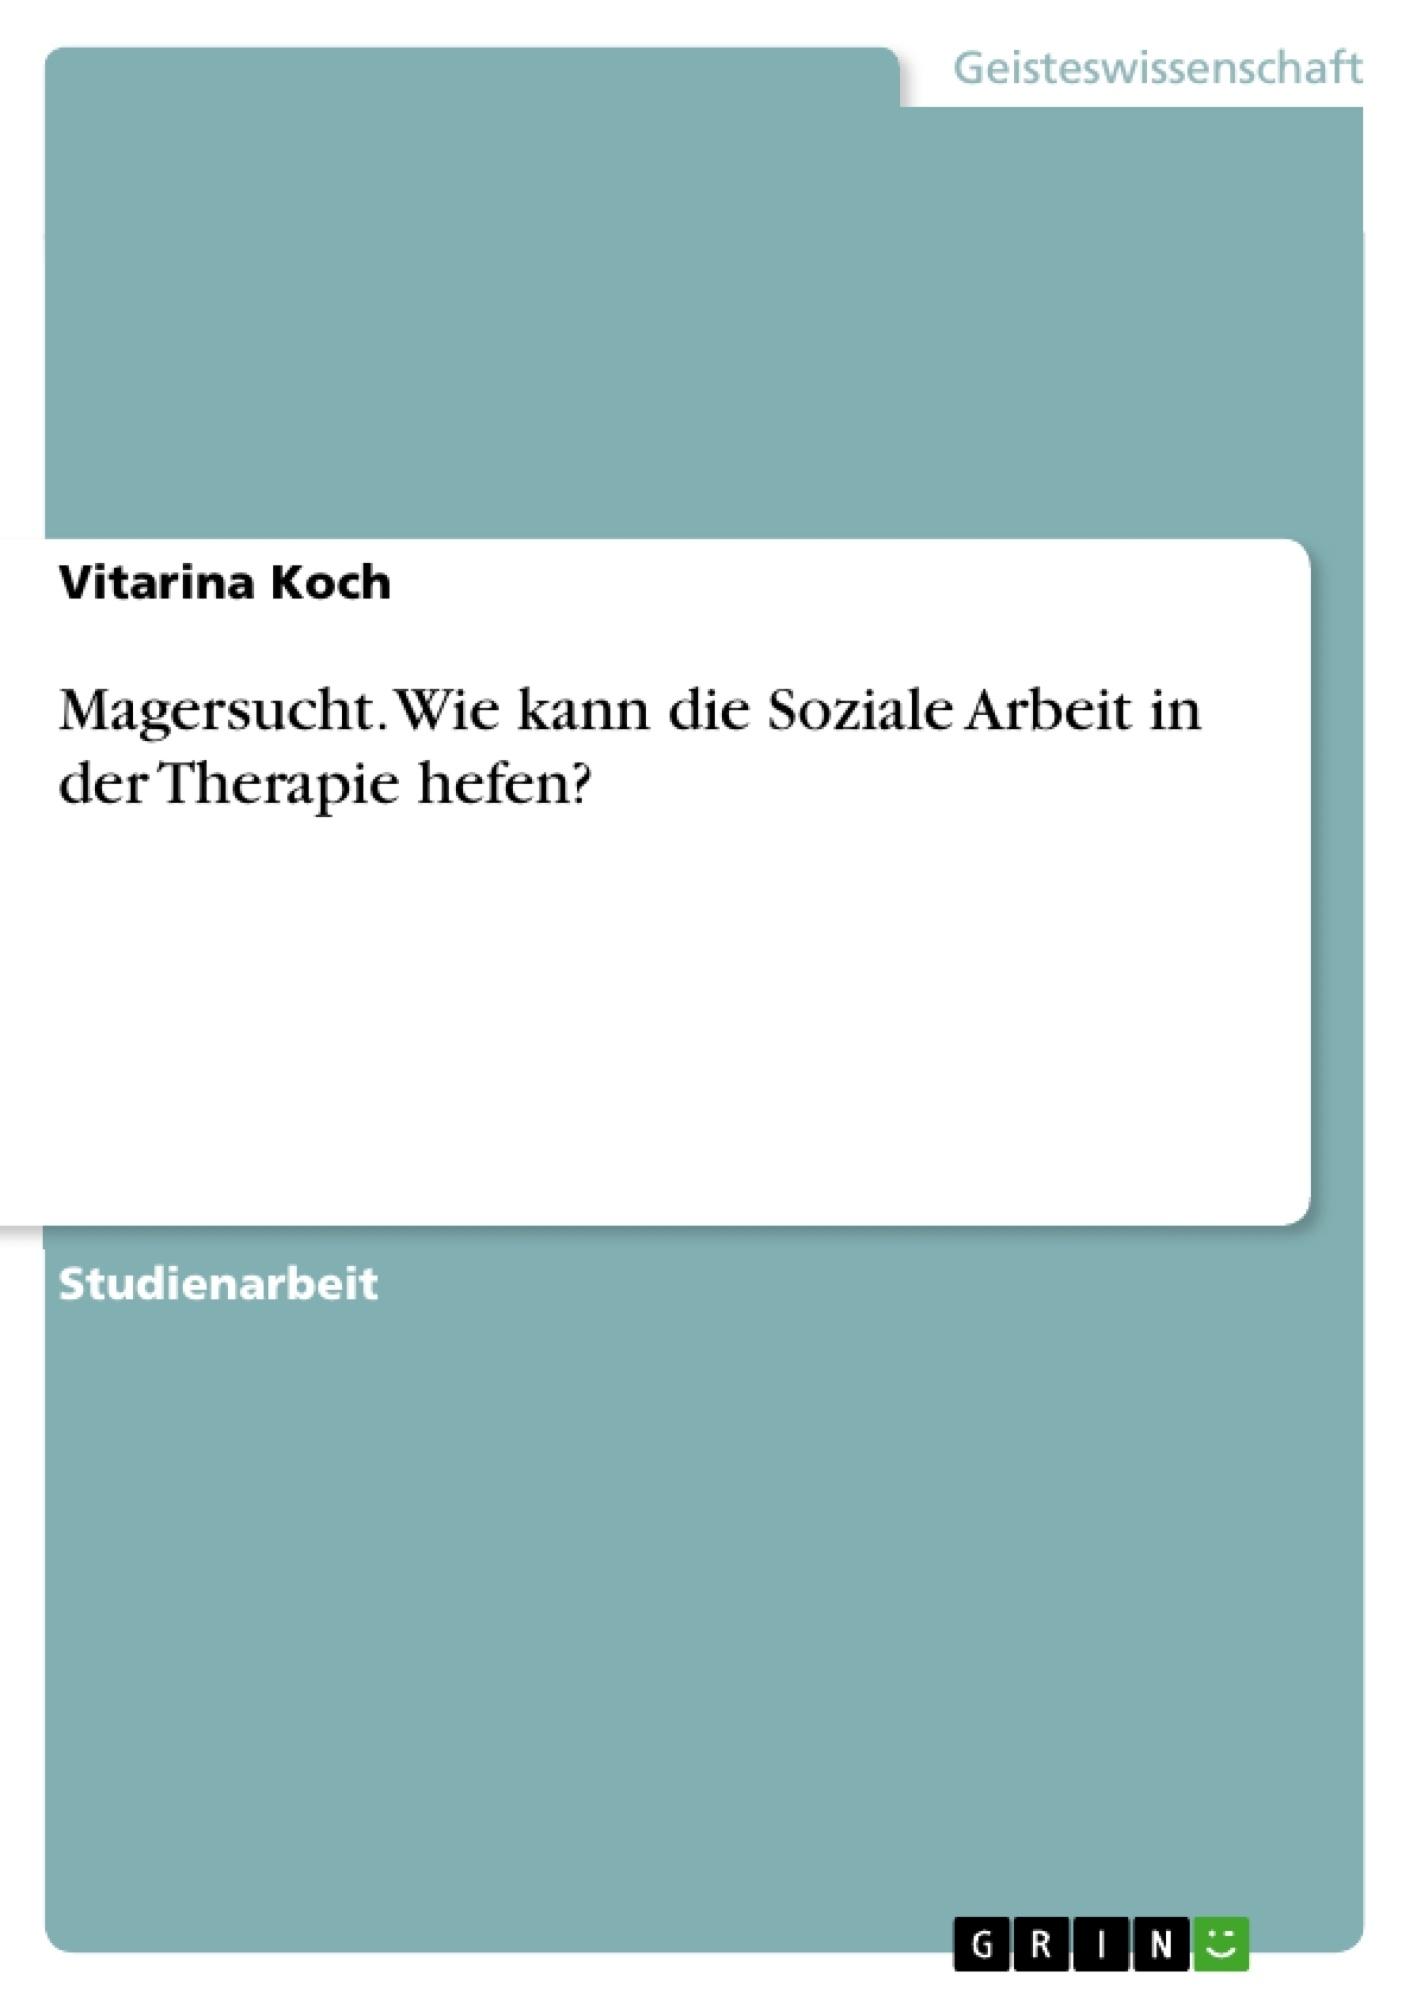 Titel: Magersucht. Wie kann die Soziale Arbeit in der Therapie hefen?